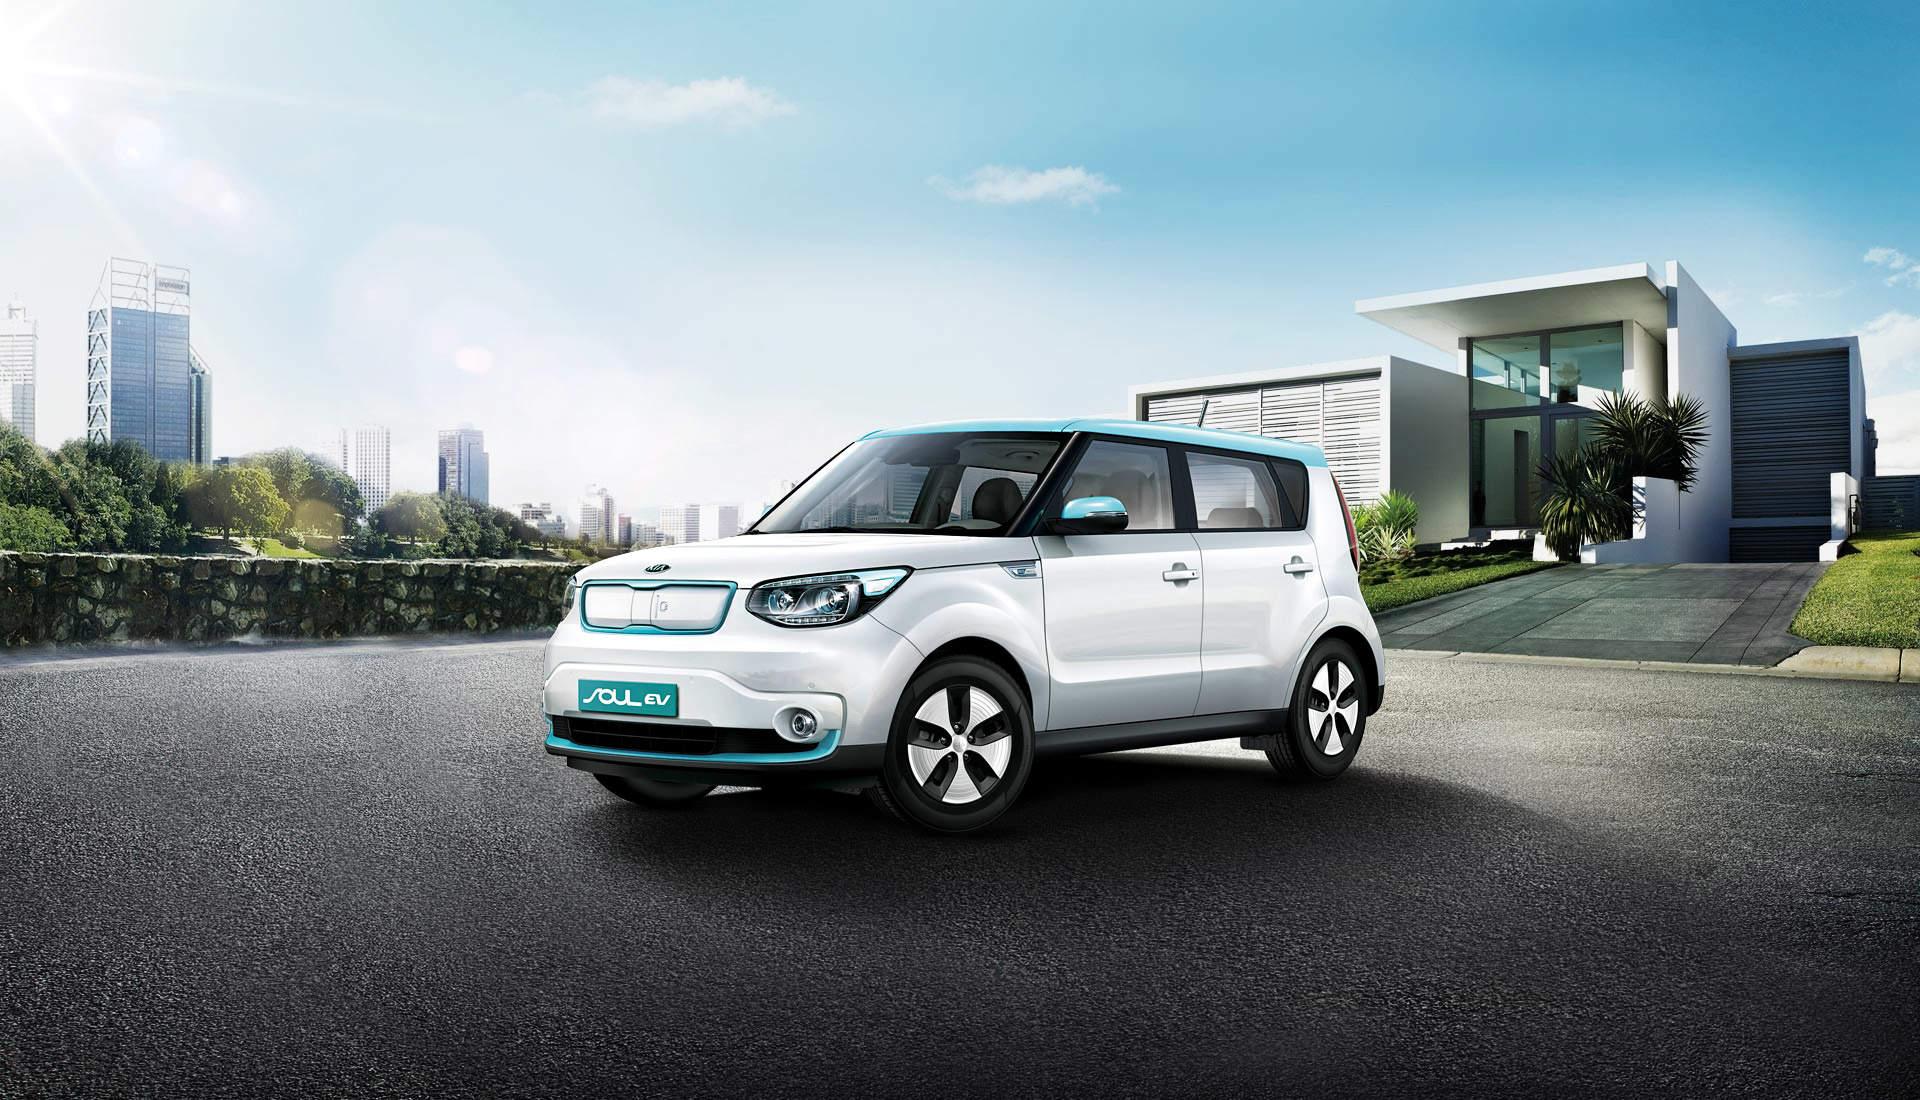 The Kia Soul Ev Electric Car